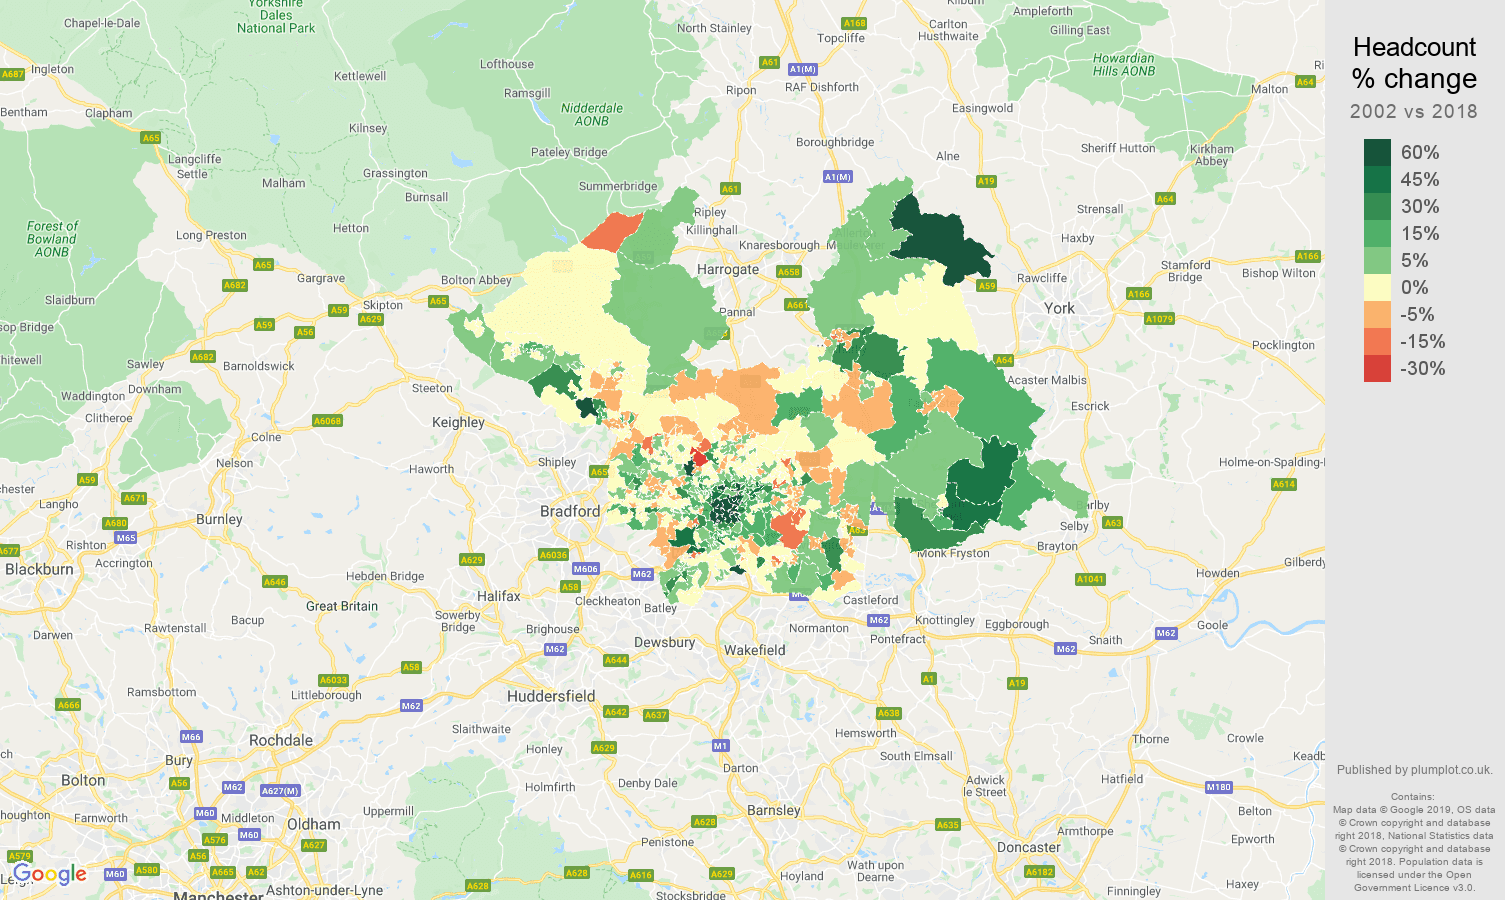 Leeds headcount change map